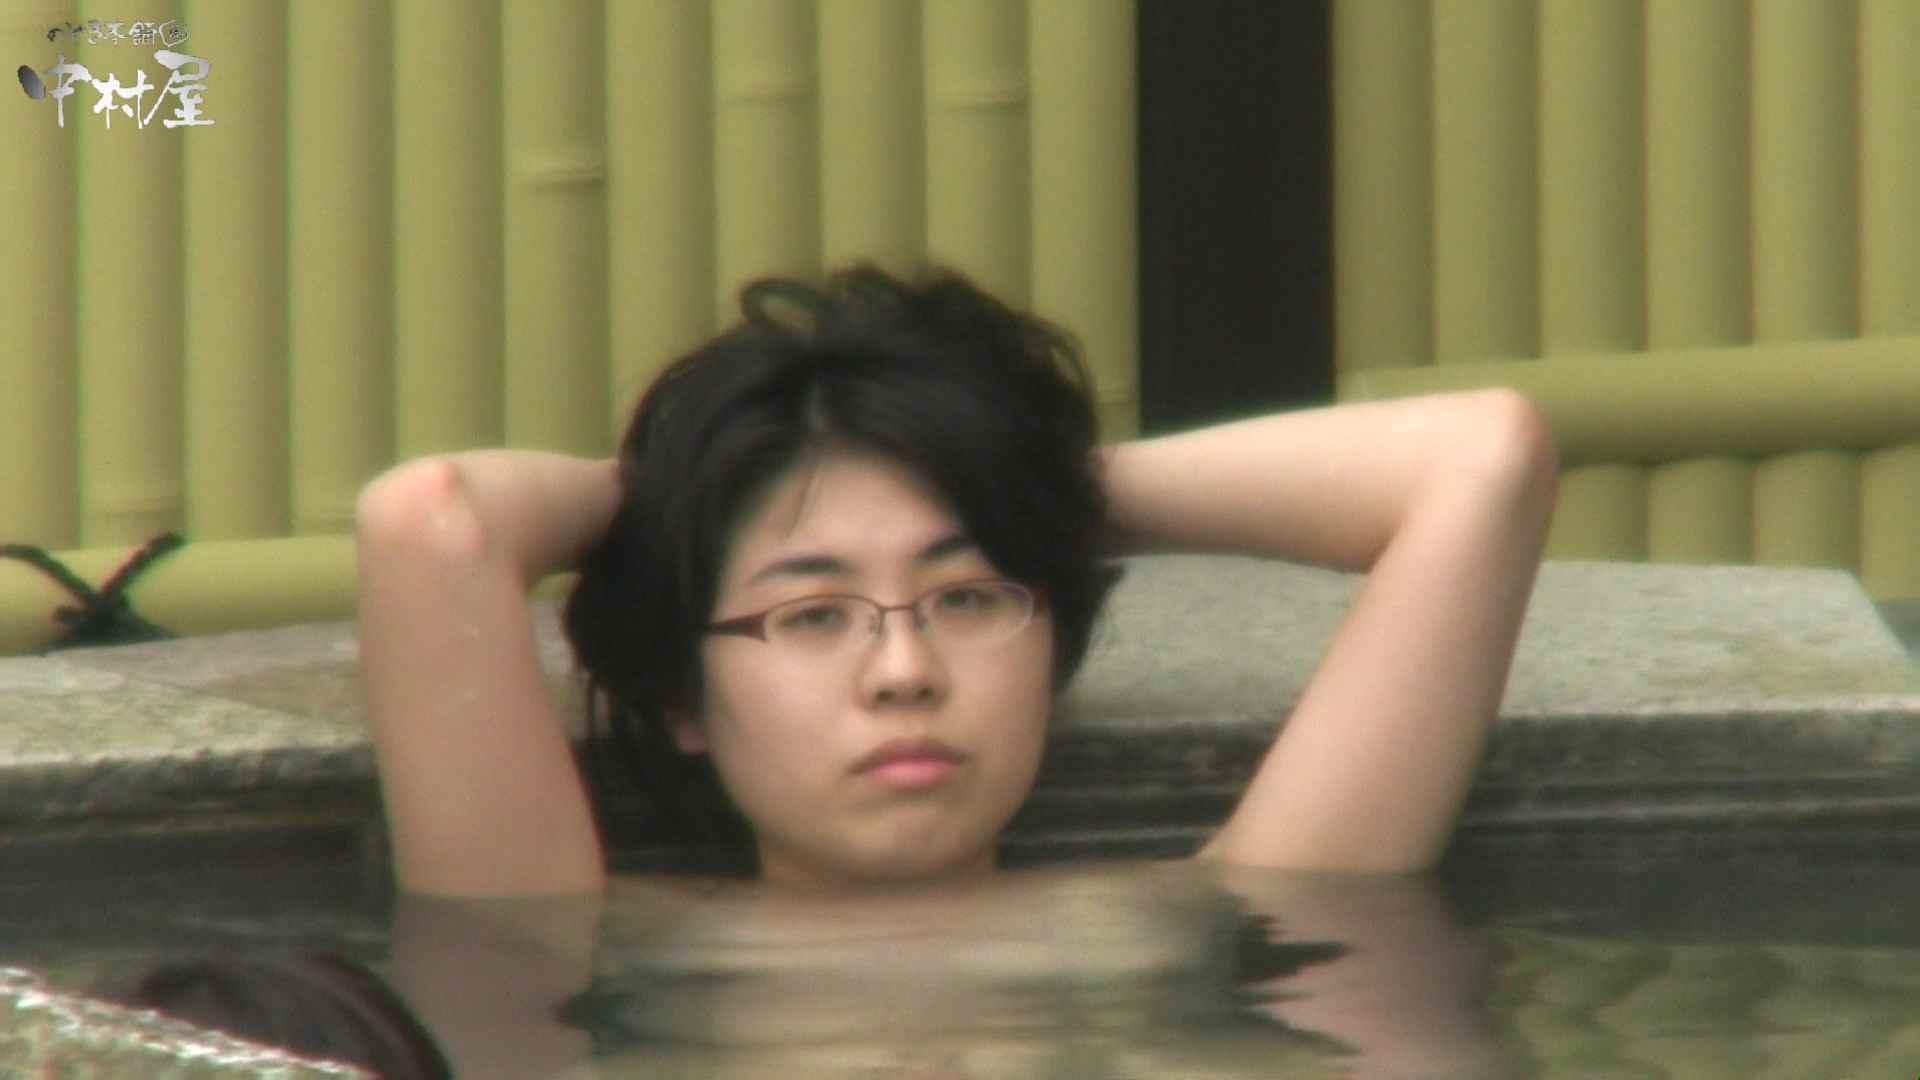 Aquaな露天風呂Vol.947 綺麗なOLたち おまんこ動画流出 111枚 95